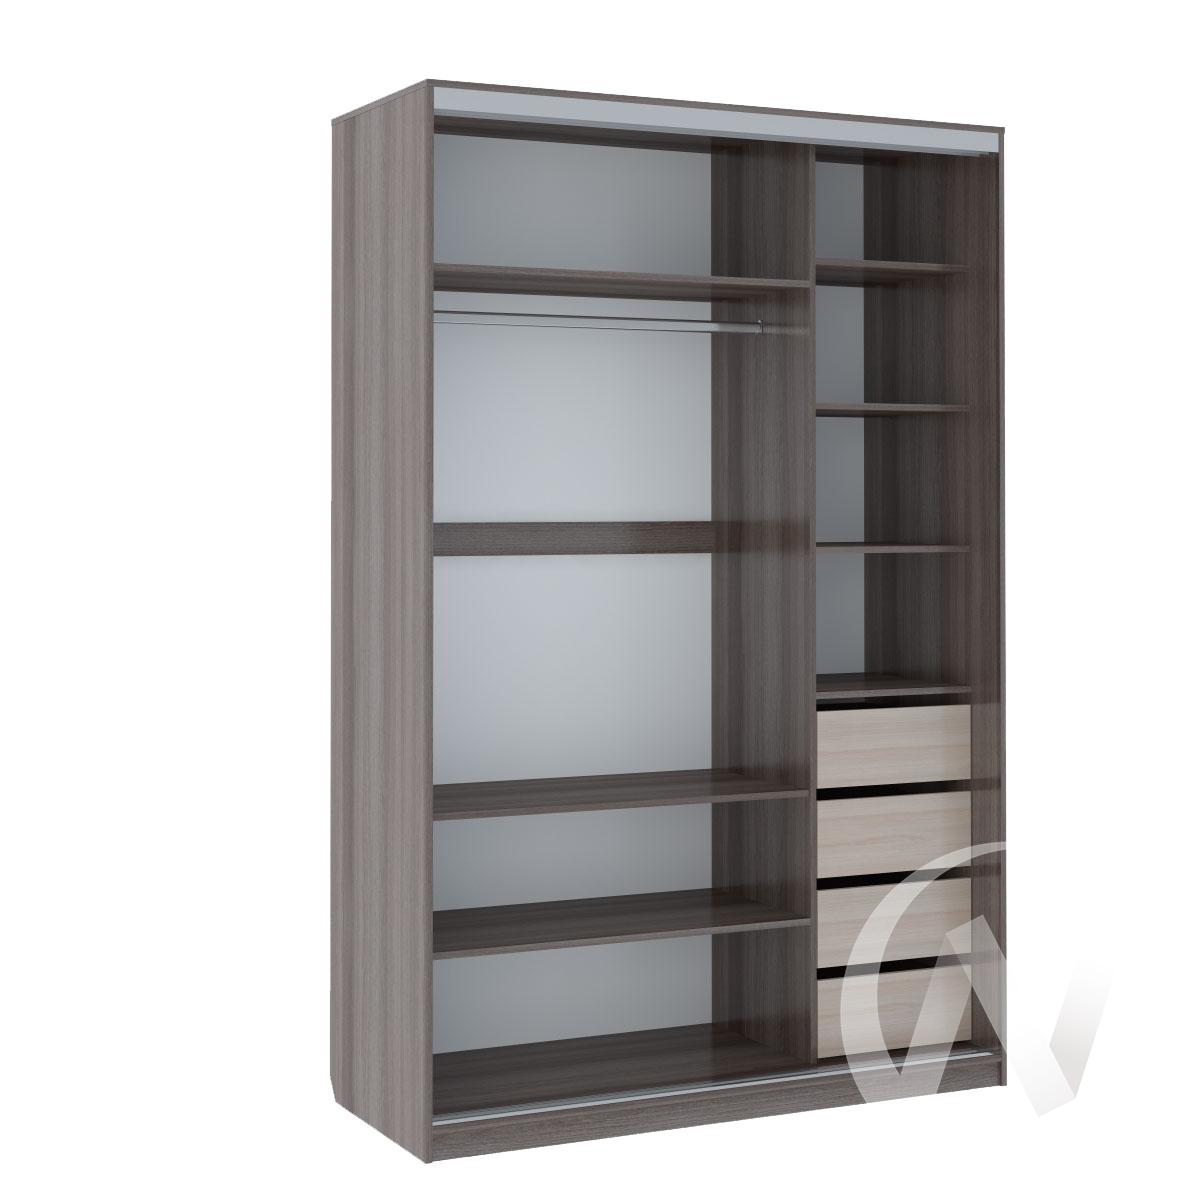 Шкаф-купе «Рене» 2-х дверный Витрина (ясень шимо темный/венге)  в Томске — интернет магазин МИРА-мебель